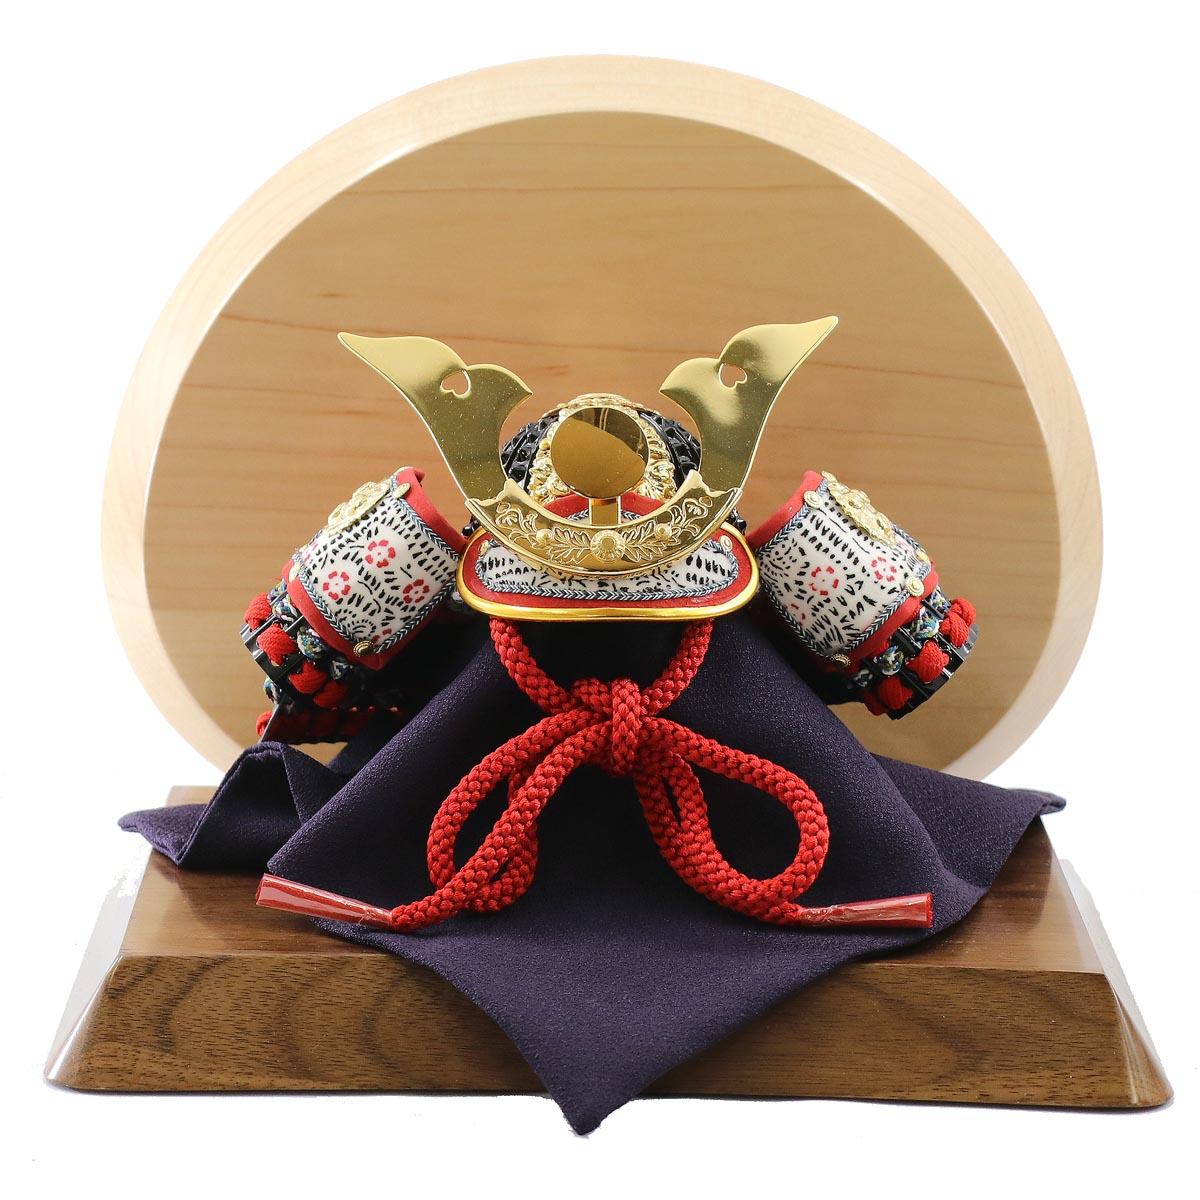 五月人形 吉徳 兜飾り 兜飾り 豆 大鍬形 高級木材使用飾り台・衝立 吉徳 ≪GOY-114-672-WN-S≫コンパクト おしゃれ 兜飾り 兜 五月人形